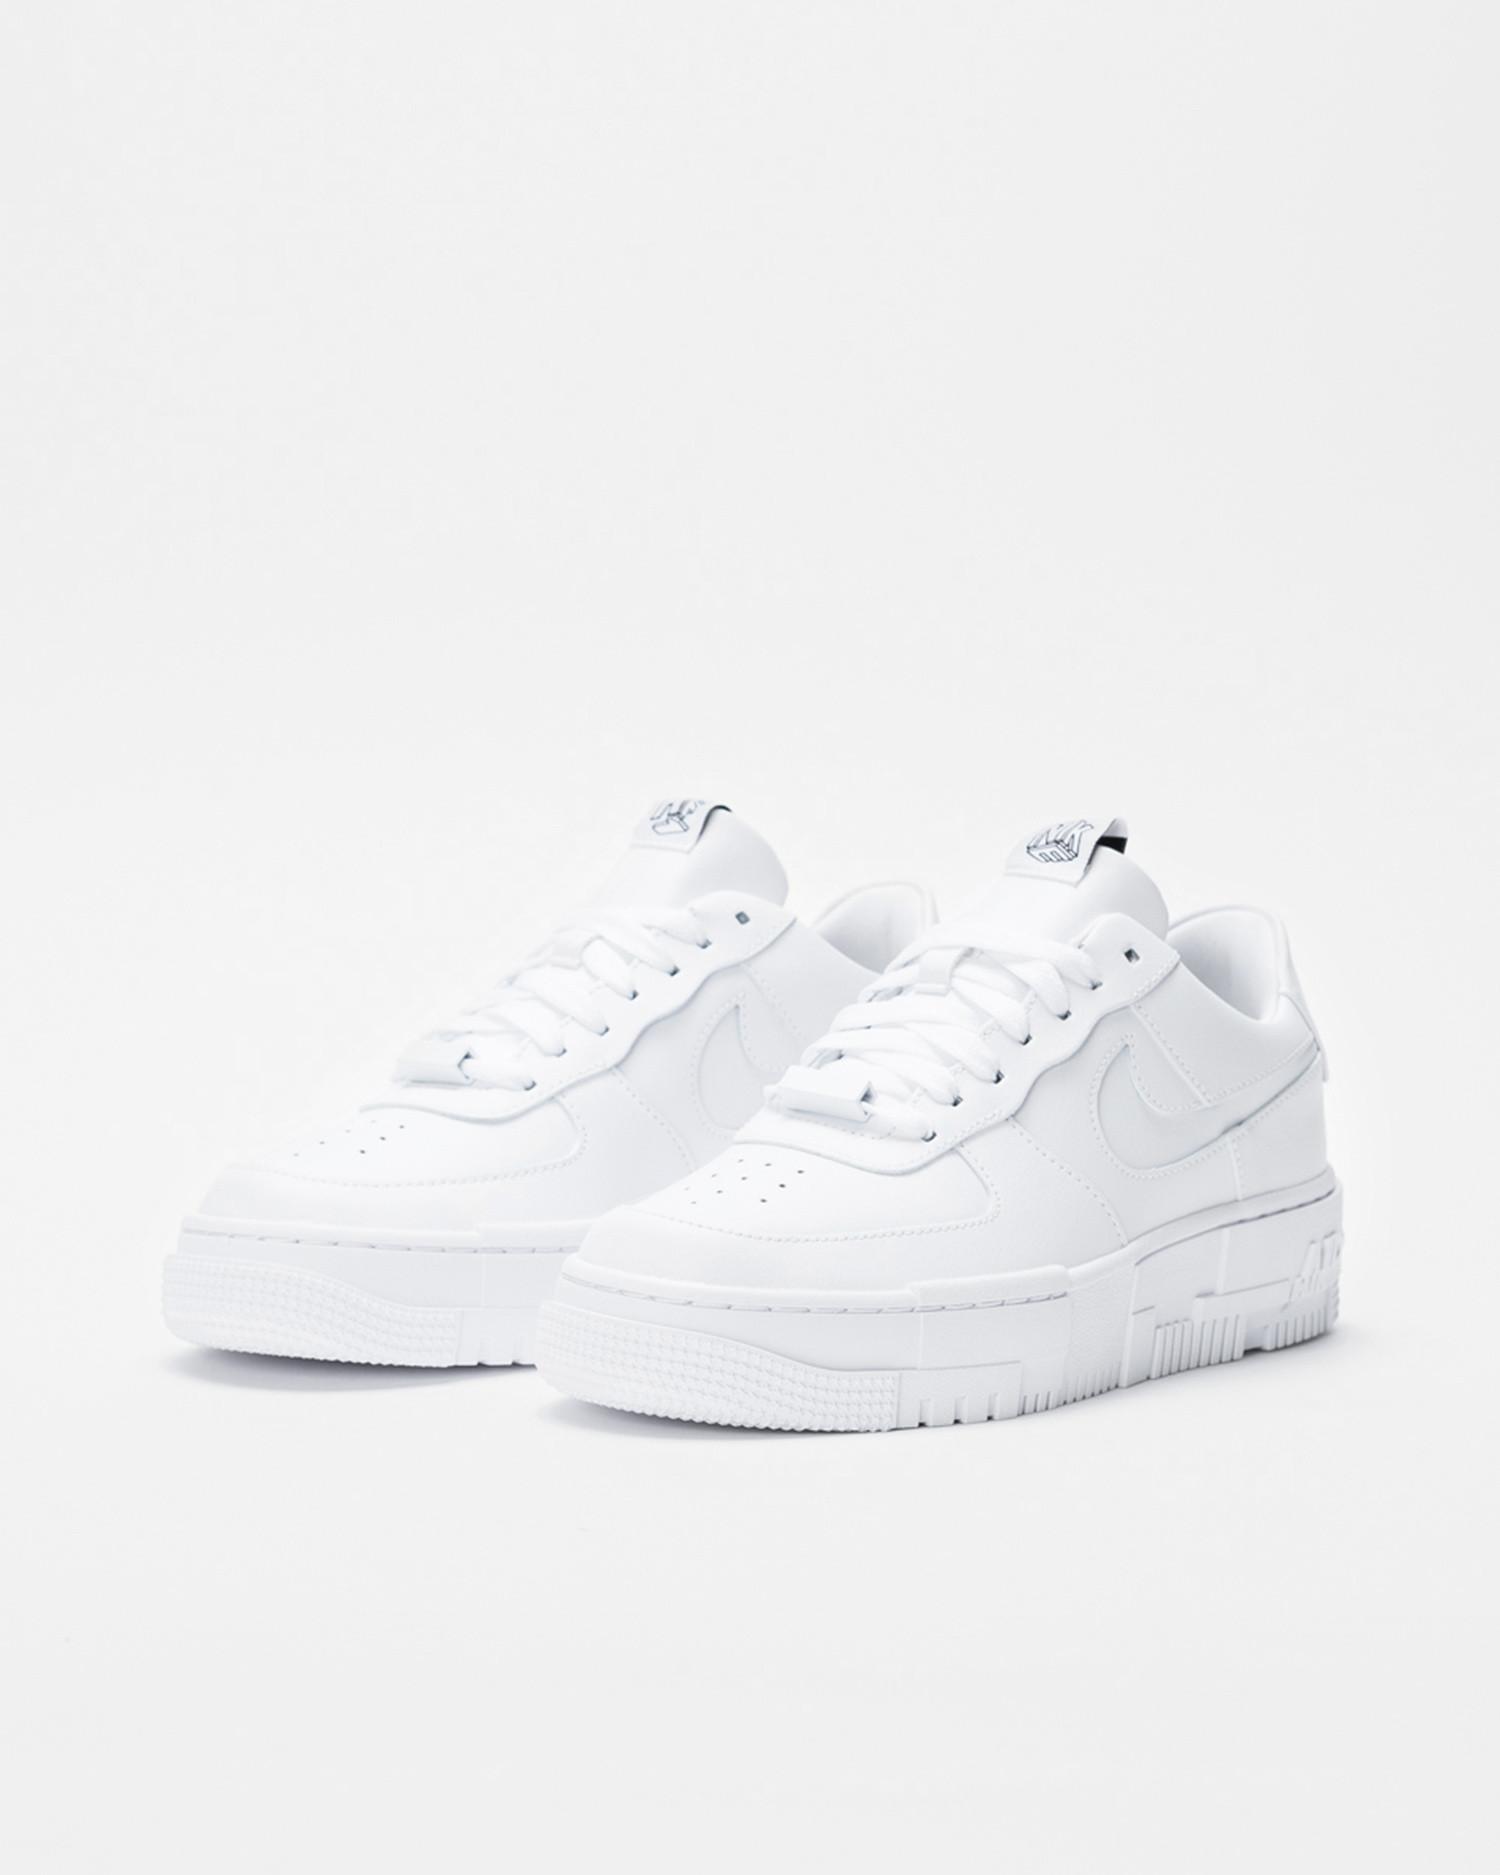 Nike Wmns af1 pixel White/White-Black-Sail